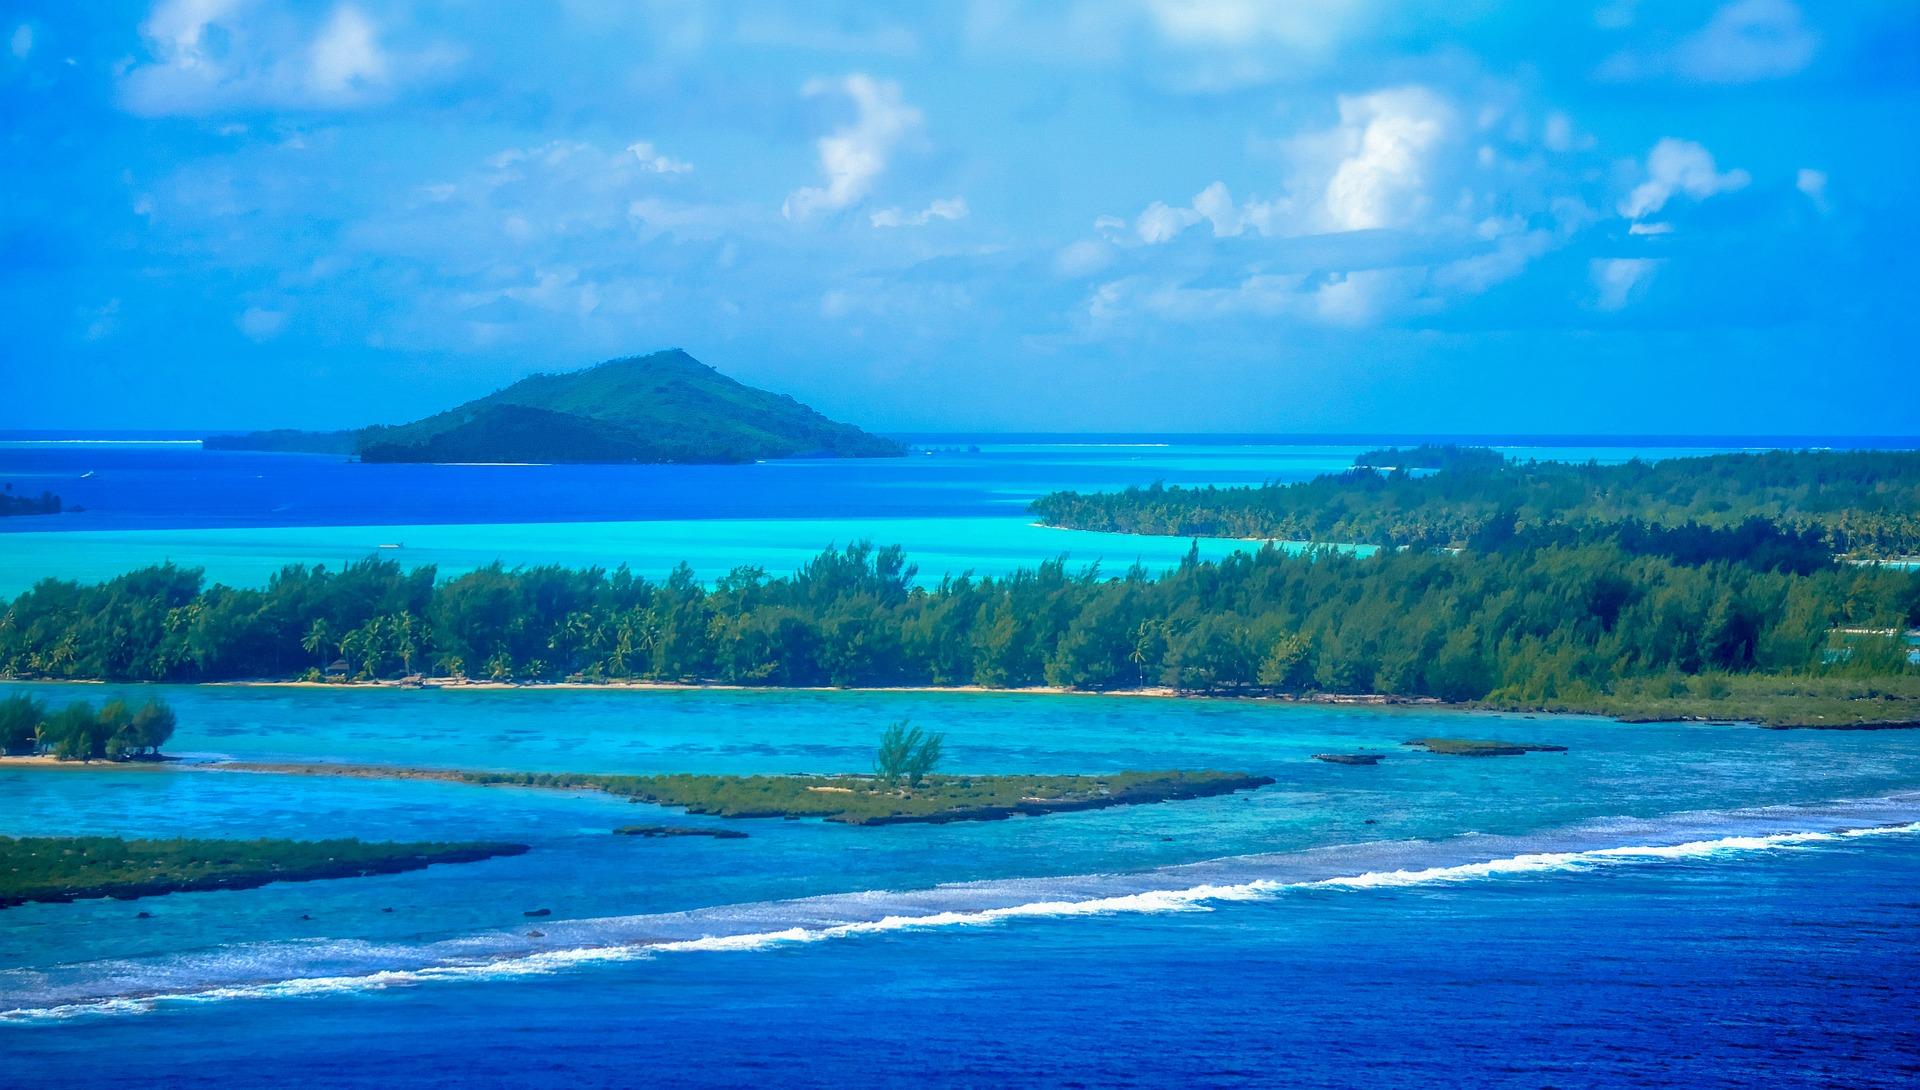 Bora Bora in the French Polynesia